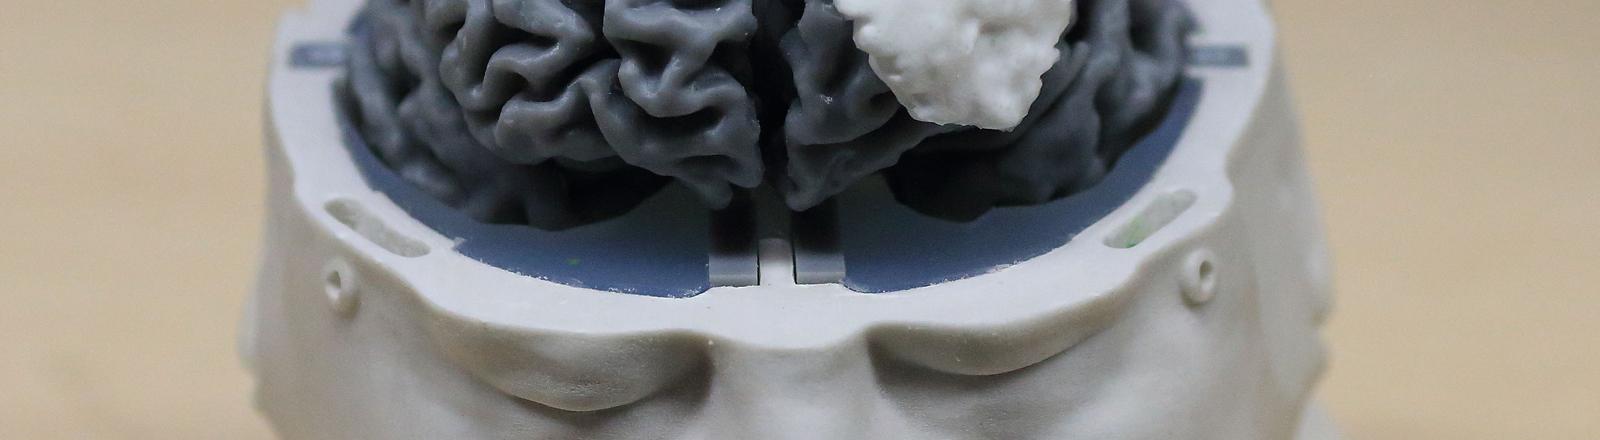 Eine Plastik: Kopf mit offenem Schädel und freiliegendem Gehirn